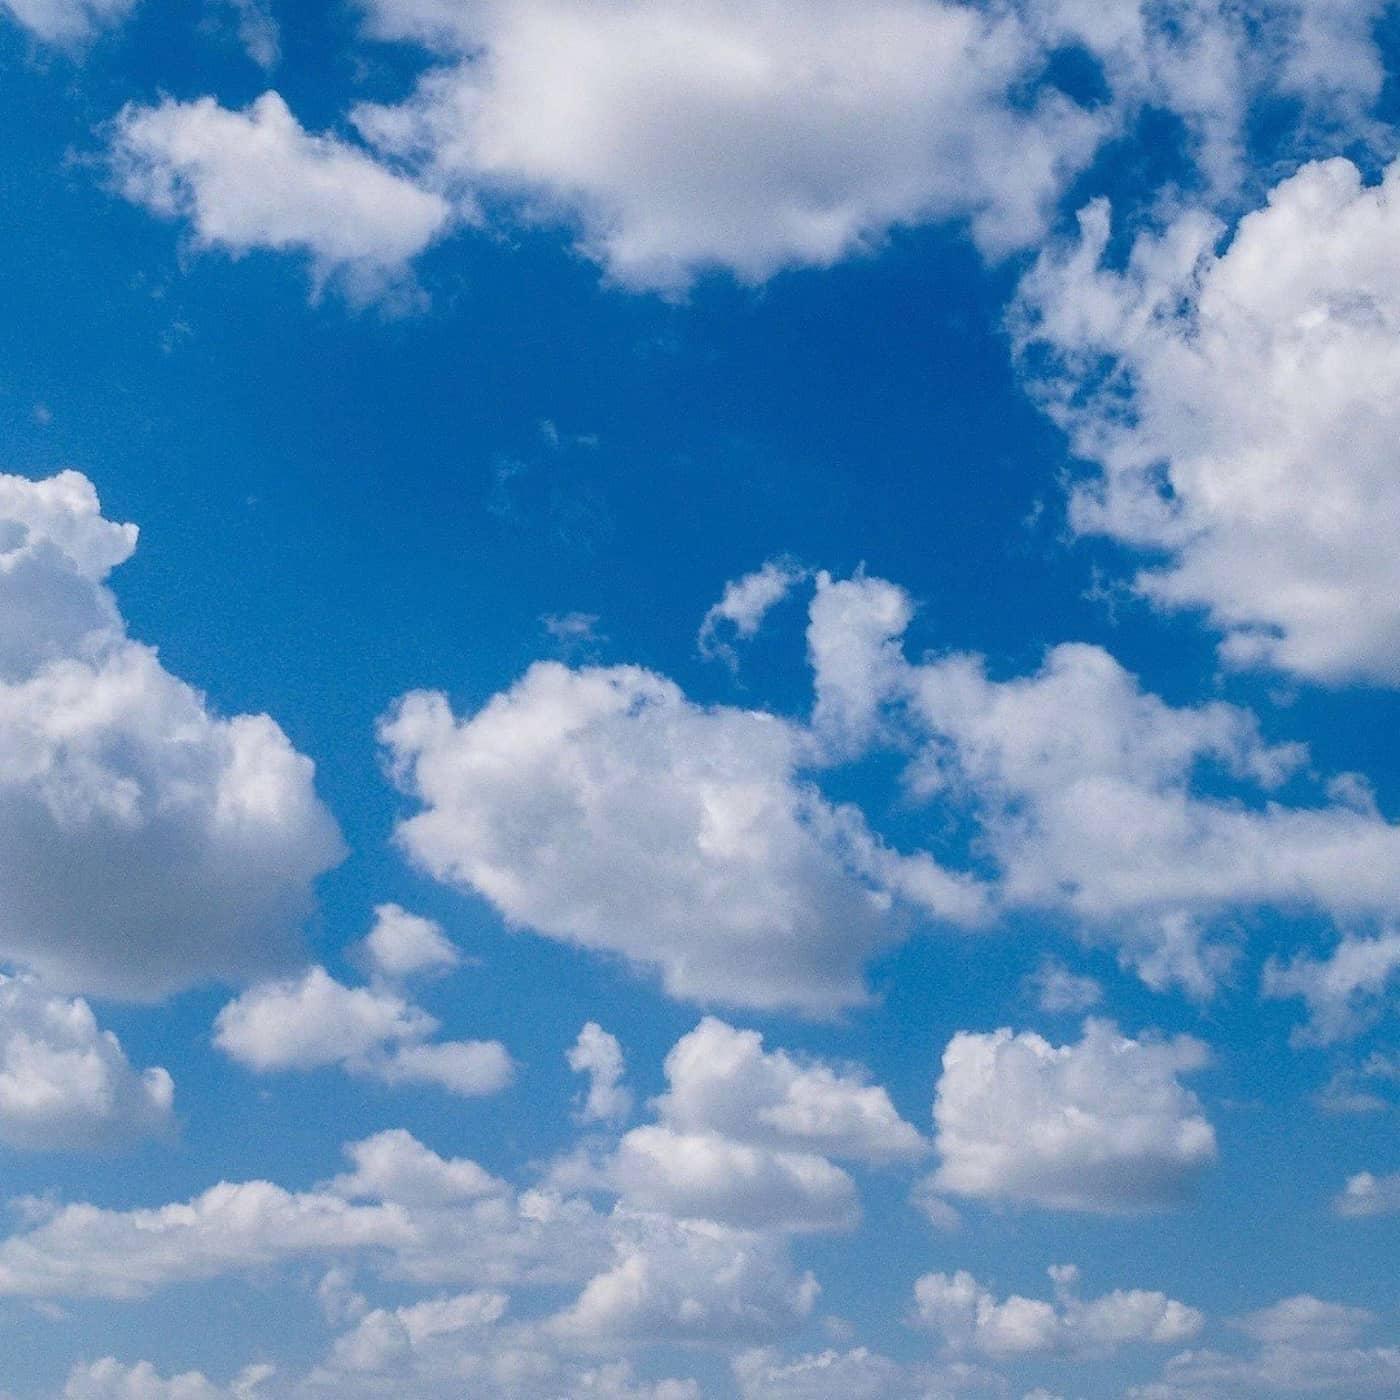 Luftiga drömmar och storsäljande motiv – de trendsättande molnen